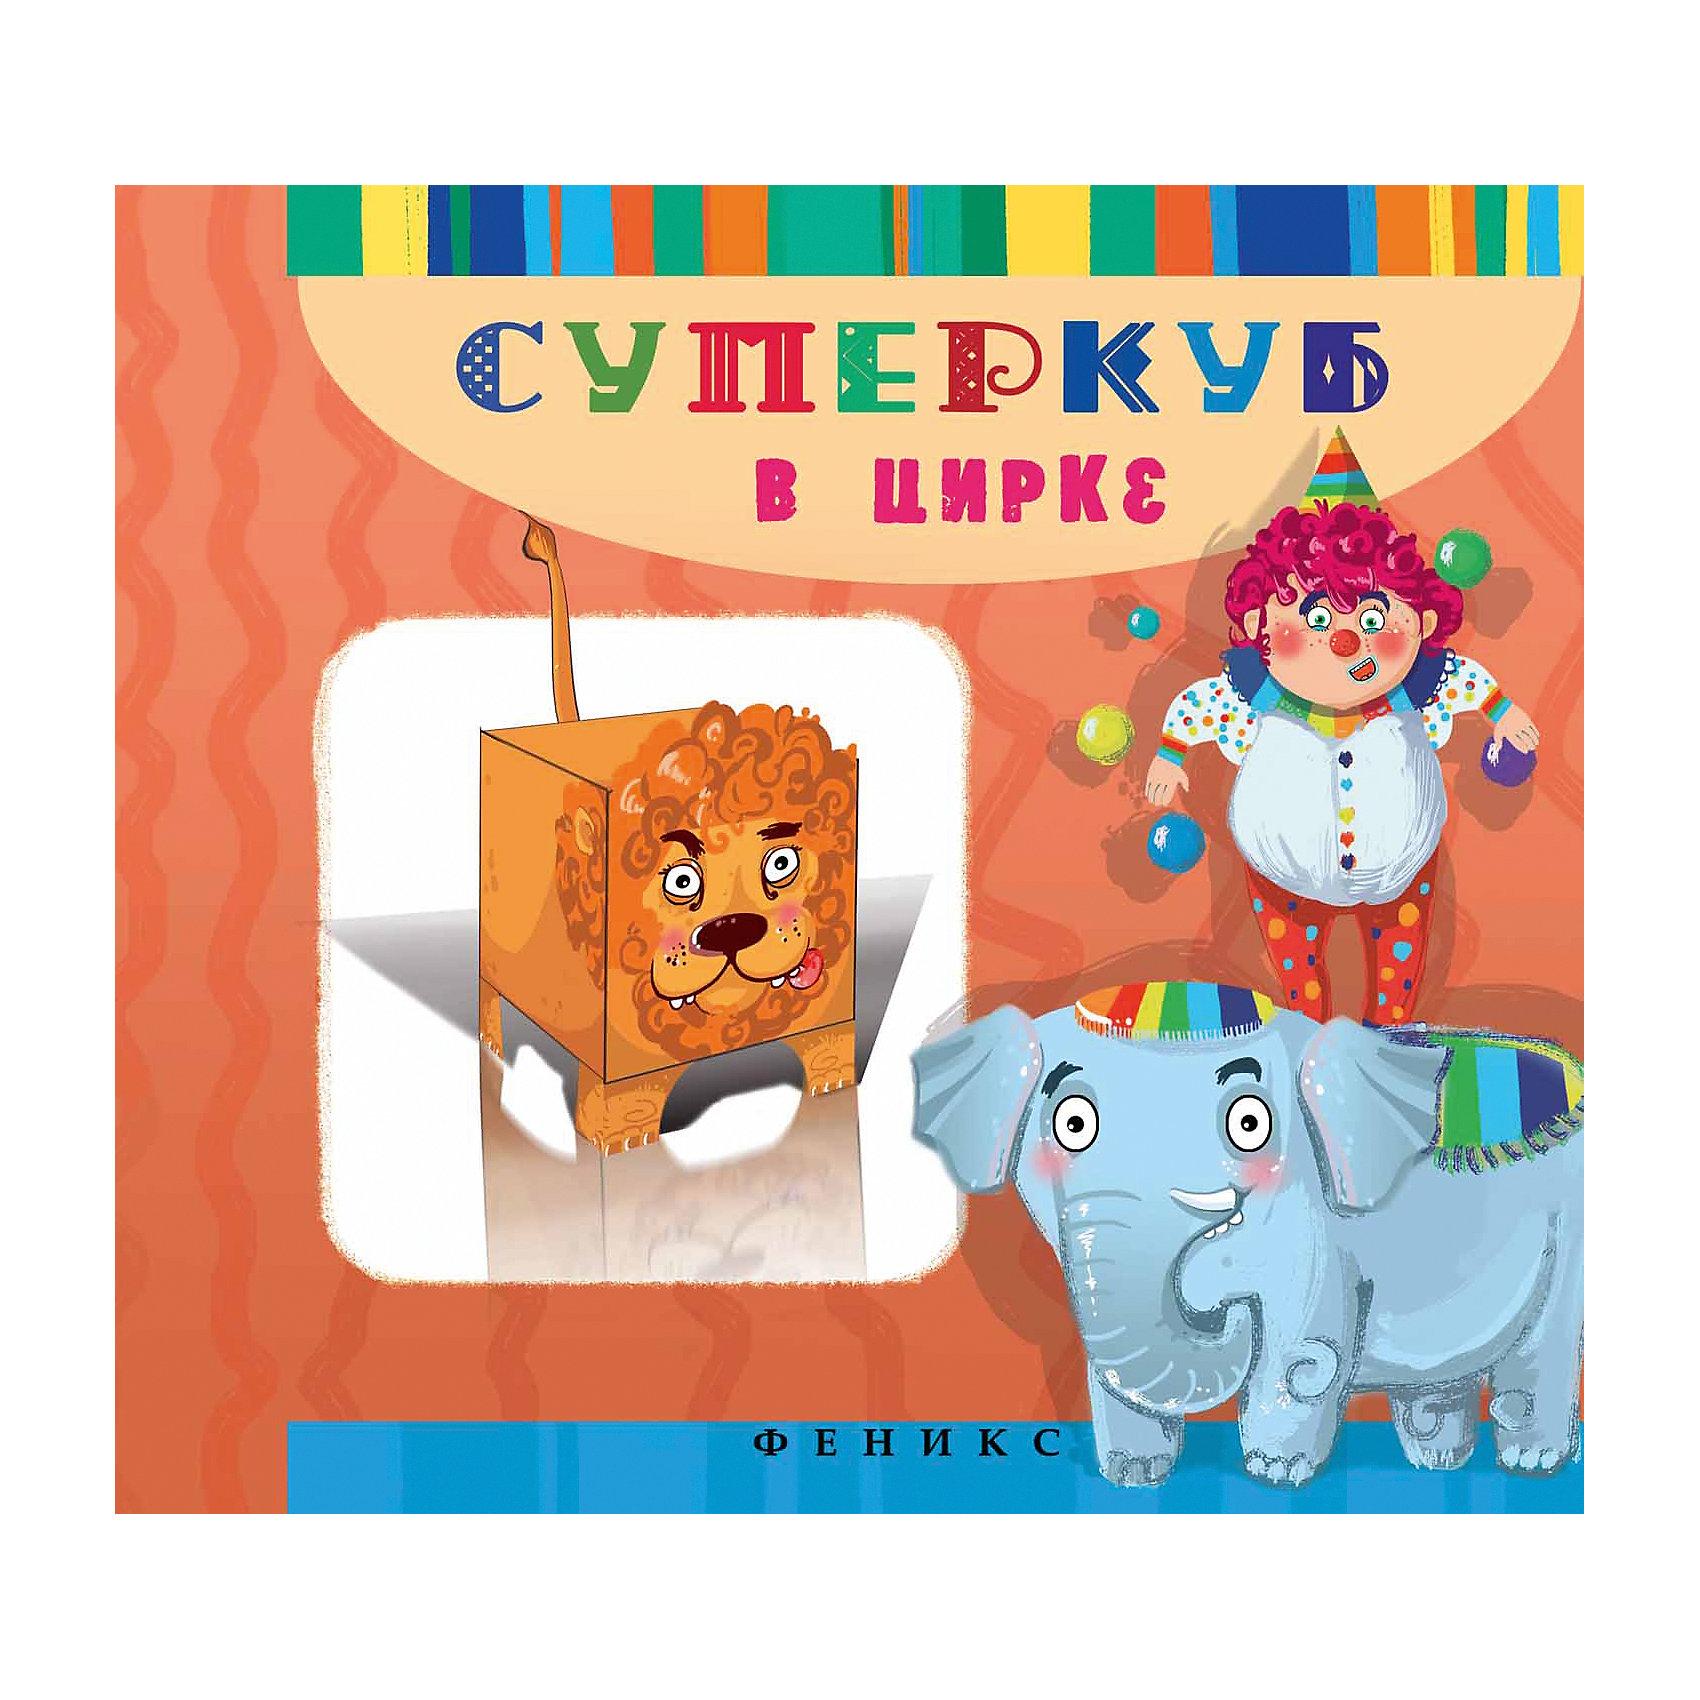 Книжка с наклейками Суперкуб в циркеКнижка с наклейками Суперкуб в цирке<br><br>Характеристики: <br><br>• Кол-во страниц: 11<br>• ISBN: 9785222248706<br>• Возраст: 6+<br>• Обложка: мягкая<br>• Формат: а4<br><br>Пользуясь этой книгой, ребенок сможет собрать несколько ярких игрушек из серии Суперкуб. Для склейки игрушек необходимы ножницы и клей, а все остальное содержится прямо на страницах этой книги. Работа с такой книгой поможет развить ребенку мелкую моторику, внимательность, а родителям обеспечит несколько часов тишины и покоя.<br><br>Книжка с наклейками Суперкуб в цирке можно купить в нашем интернет-магазине.<br><br>Ширина мм: 214<br>Глубина мм: 215<br>Высота мм: 20<br>Вес г: 58<br>Возраст от месяцев: 72<br>Возраст до месяцев: 2147483647<br>Пол: Унисекс<br>Возраст: Детский<br>SKU: 5464573